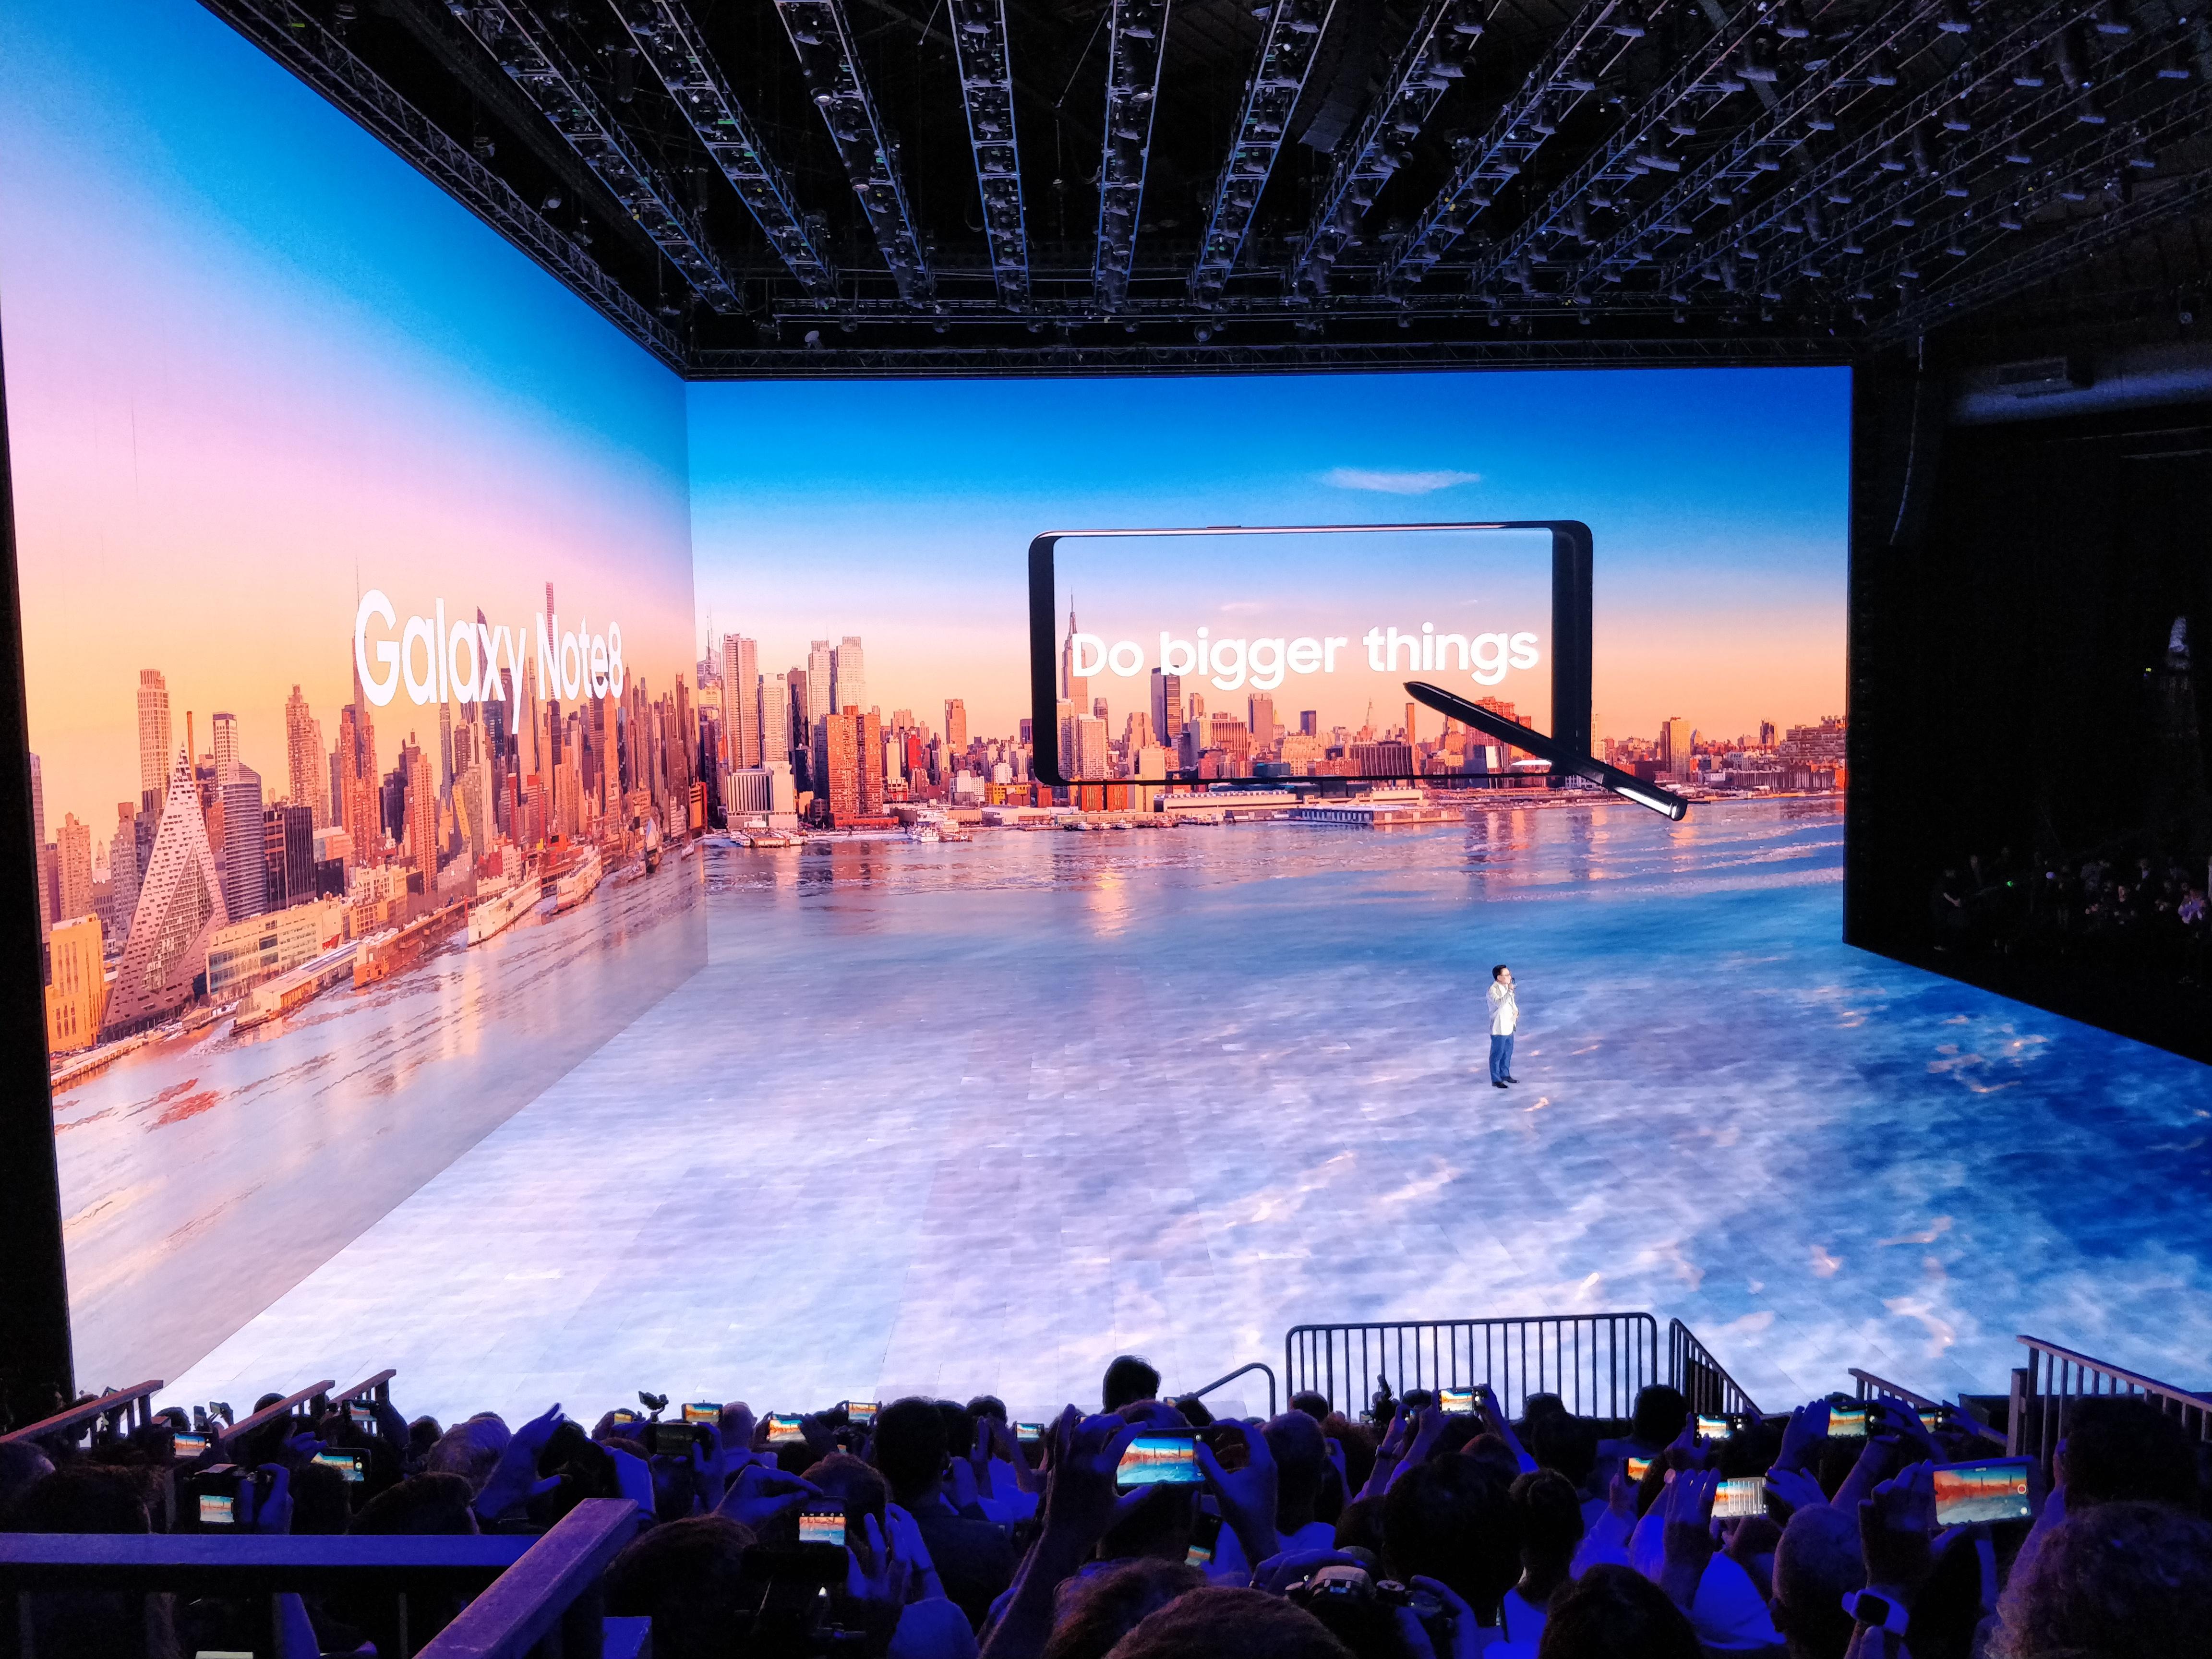 Note 8 lanseres 15. september. De som forhåndsbestiller får med DeX på kjøpet slik at mobilen kan kobles til en skjerm og bli PC.